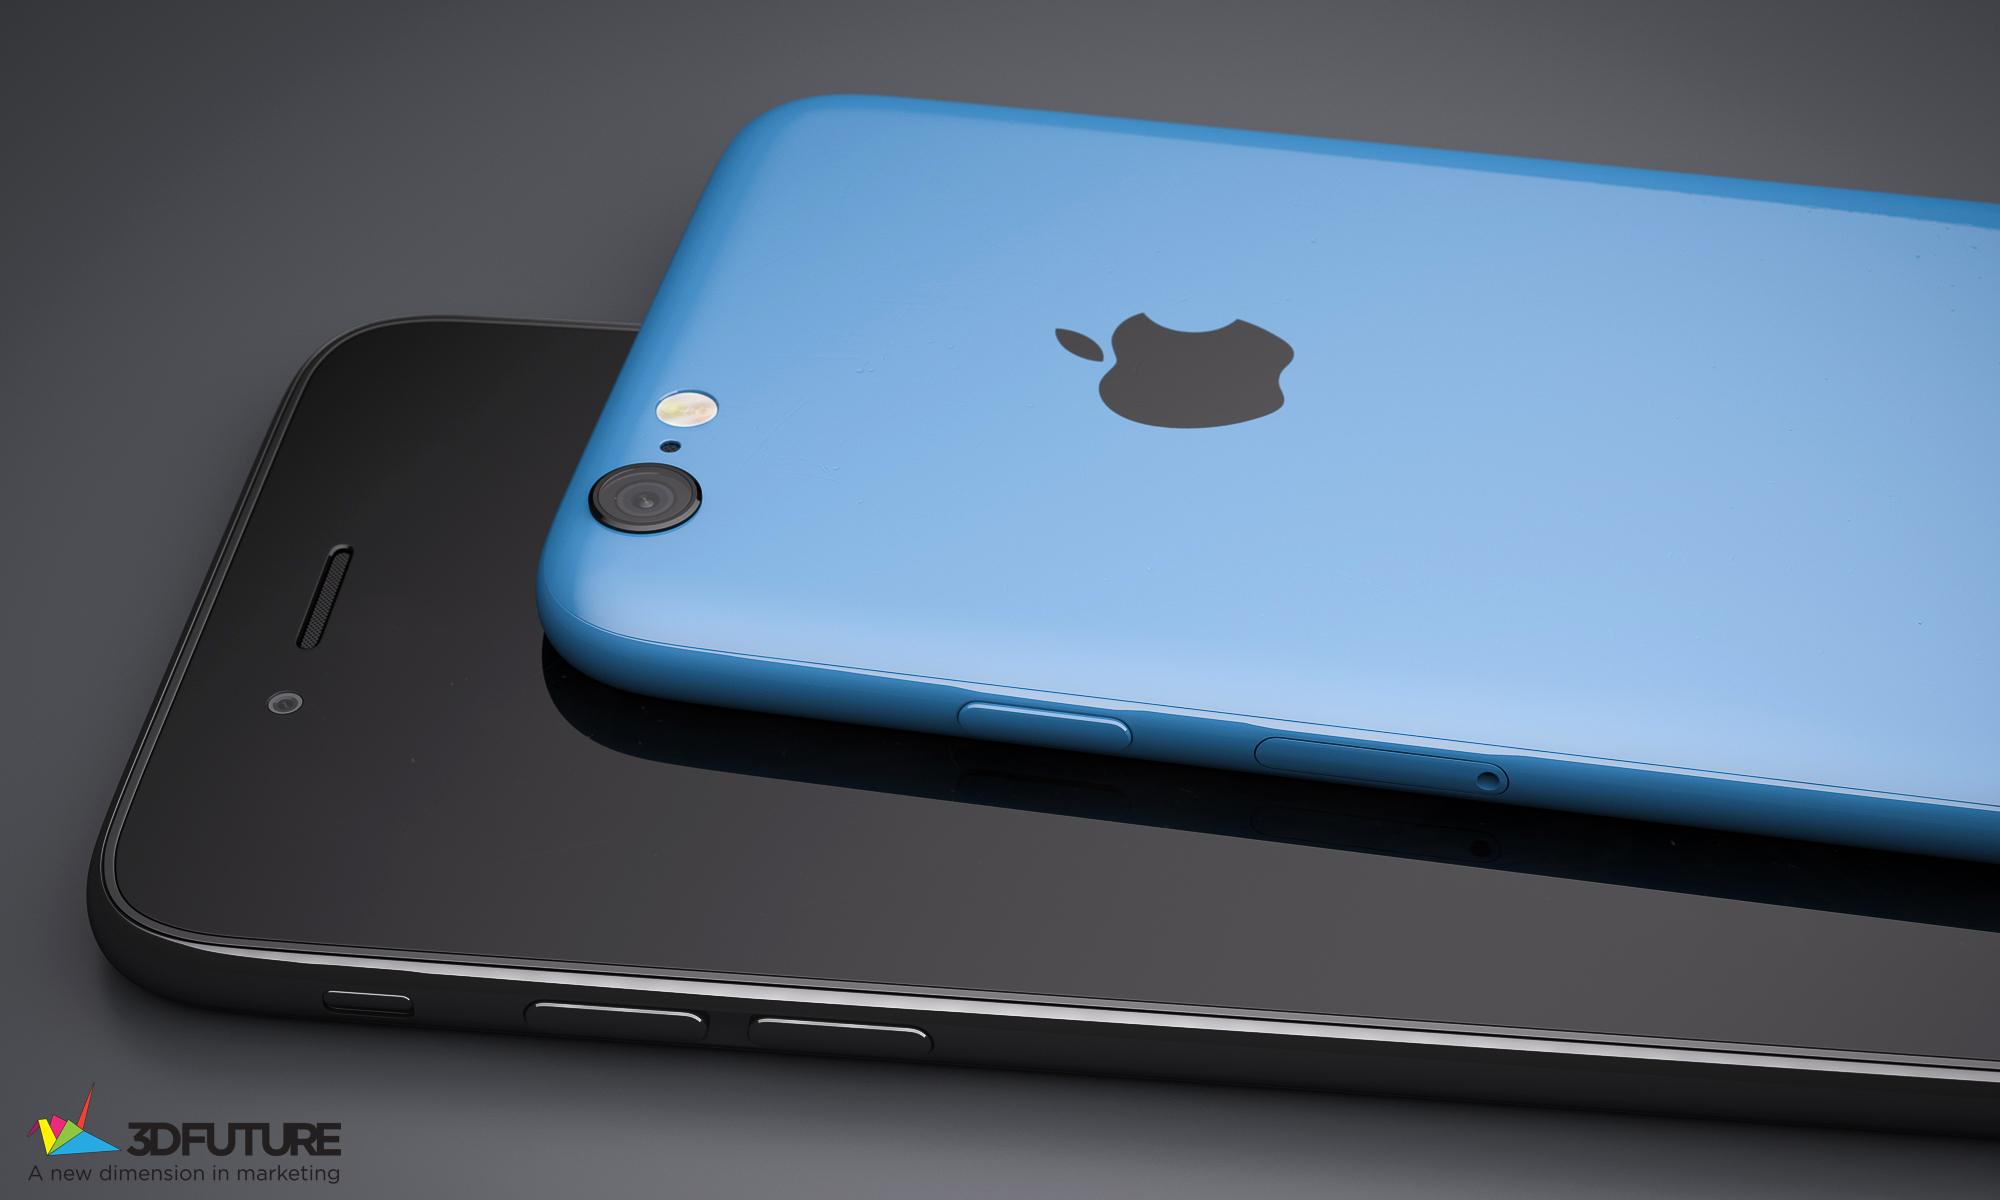 iPhone-6c-concept-renders-2